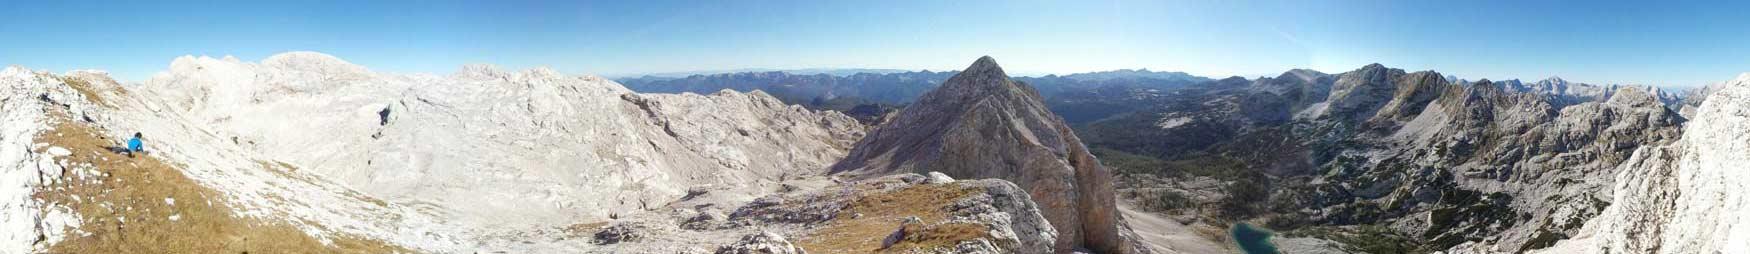 Izleti po Sloveniji s pomočjo panoramskih posnetkov s katerimi se bomo lažje odločili kam v nedeljo na pot.